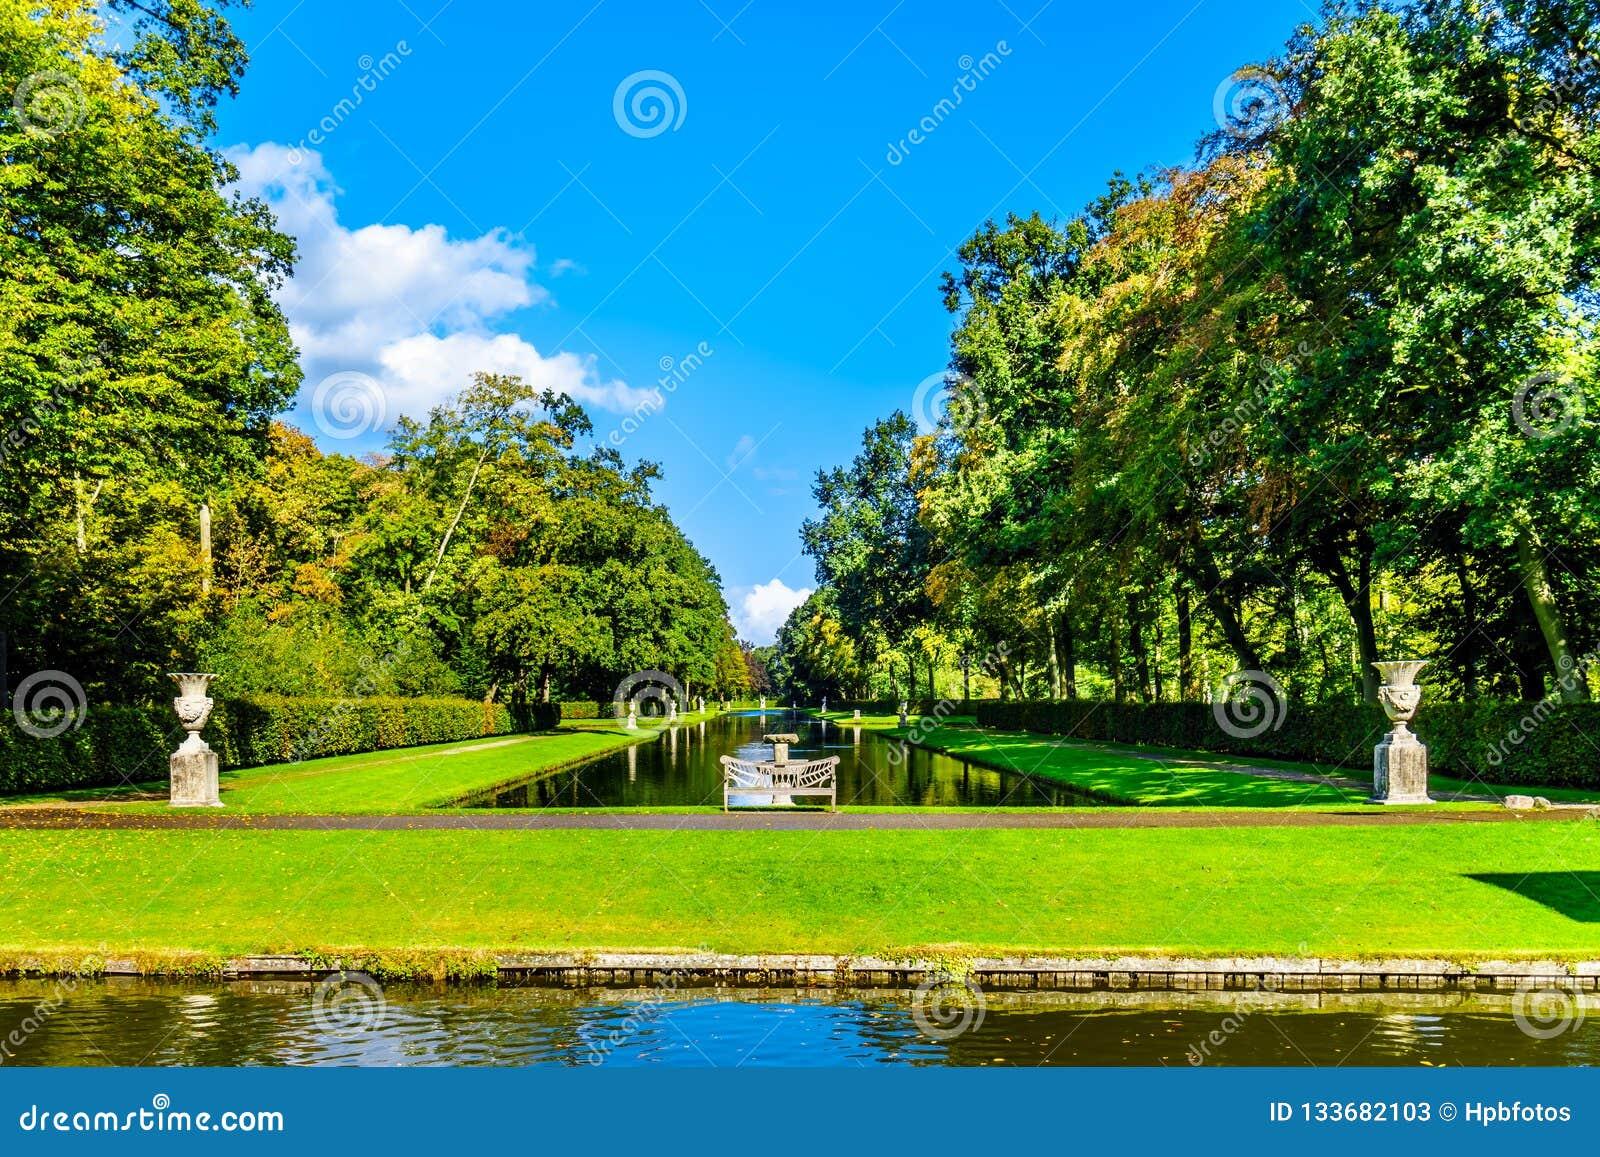 Λίμνες και λίμνες στα πάρκα που περιβάλλουν το Castle de Haar